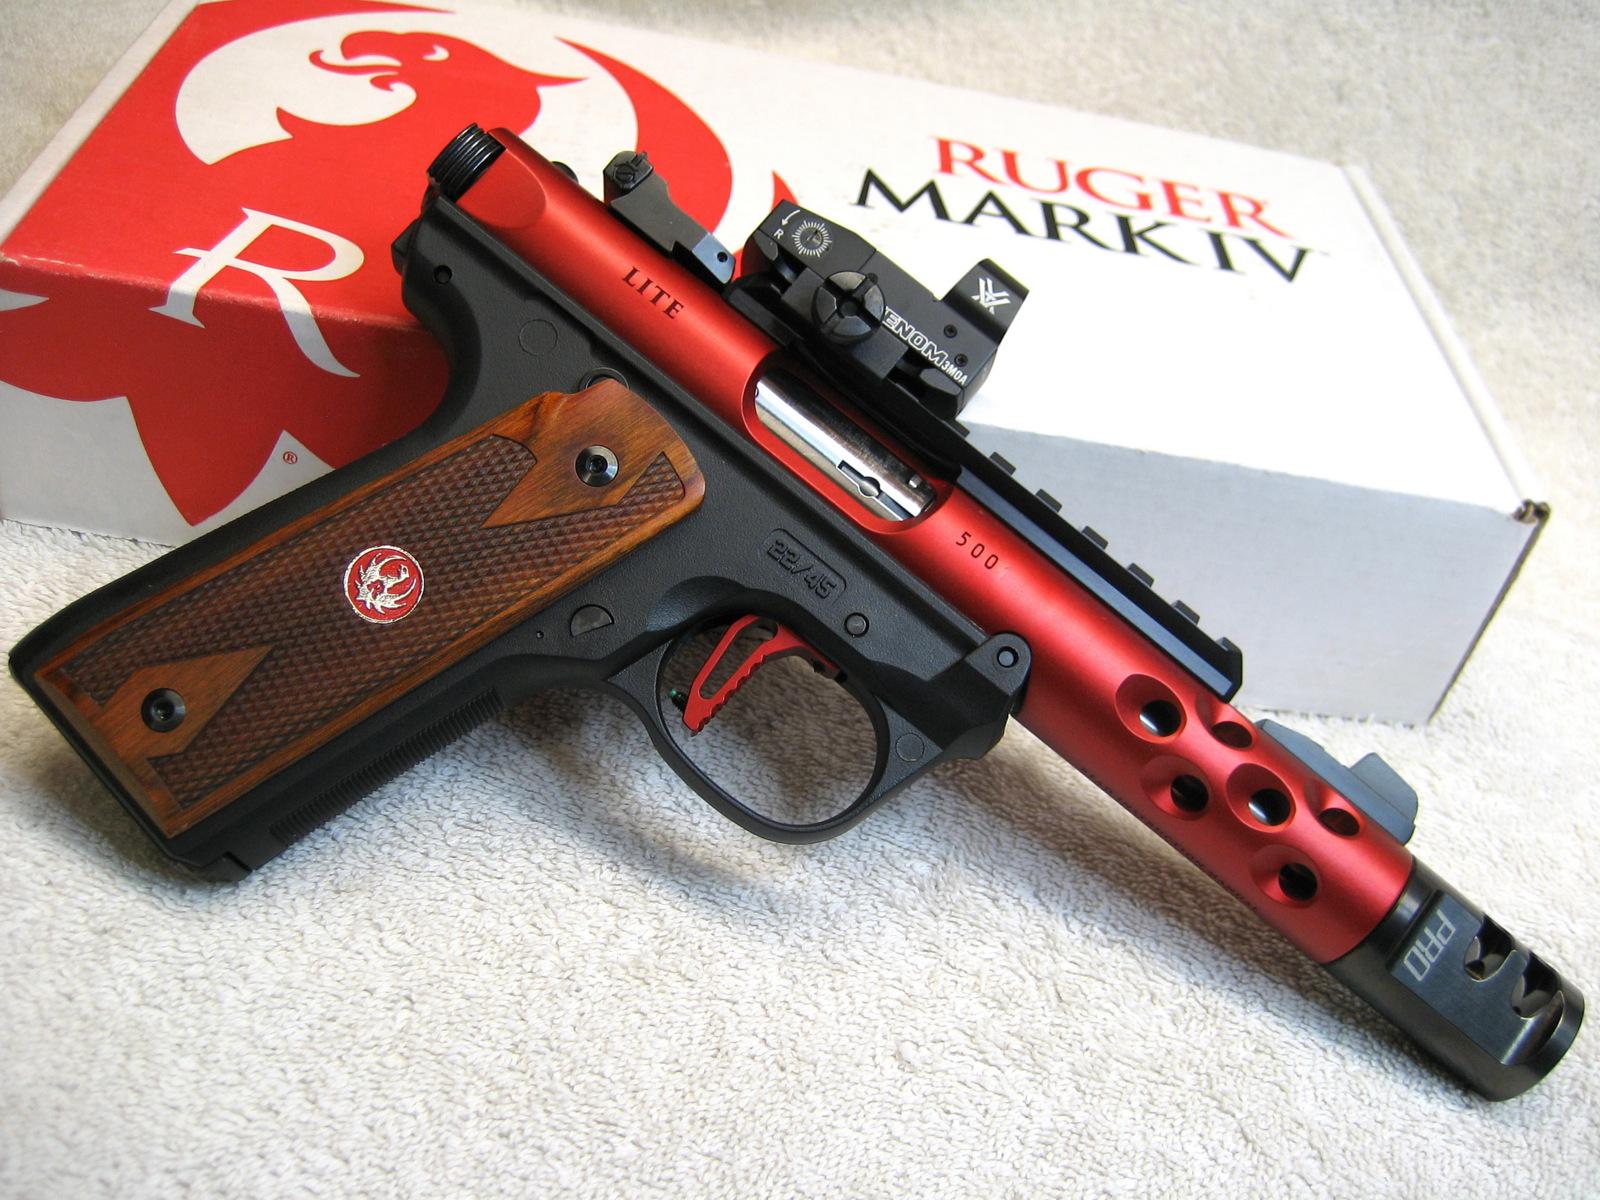 Upgratis end in sight!?!-ruger-mkiv-22-45-lite-tk-trigger-safety-comp-ruger-grips-vortex-rdr-scope-2.jpg